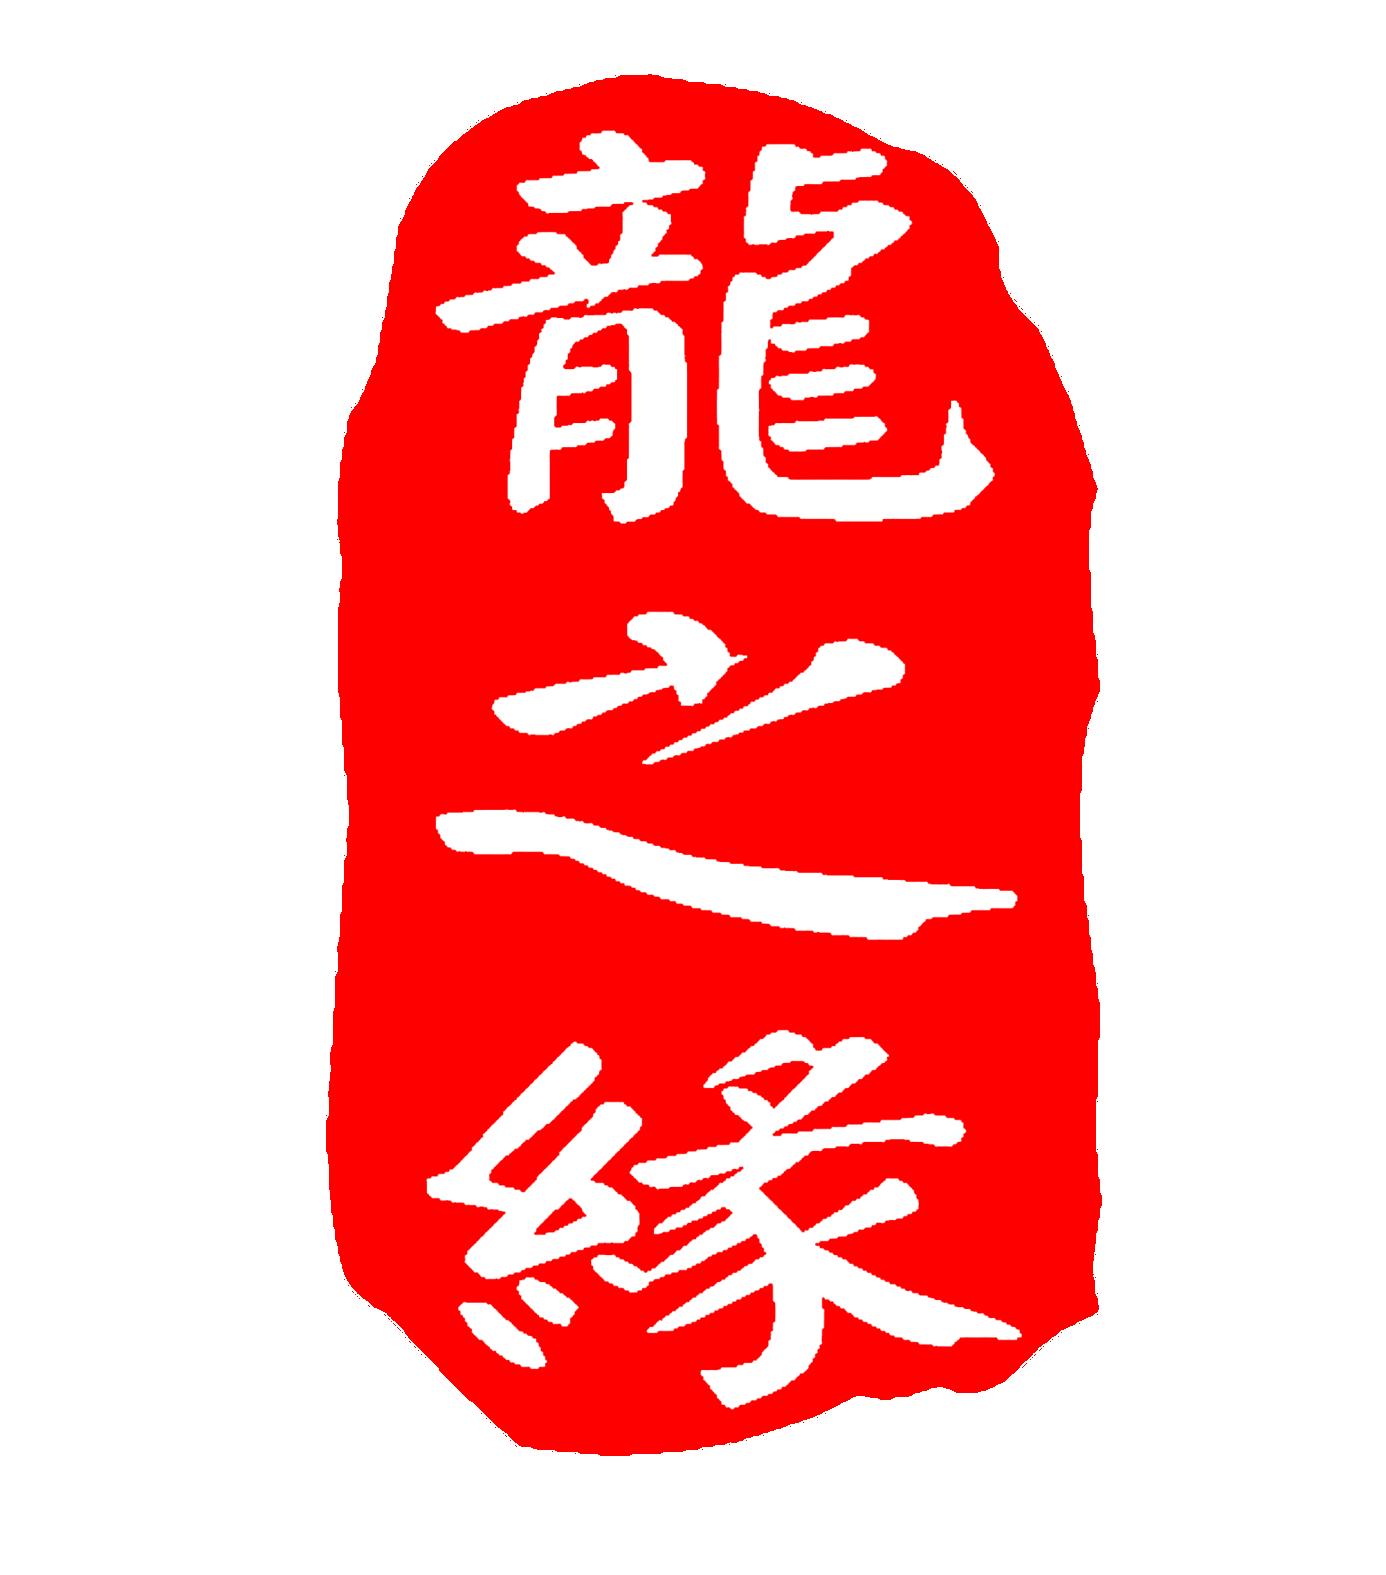 策划师培训学校_张铁龙婚礼_华夏龙之缘(北京)文化传媒有限公司